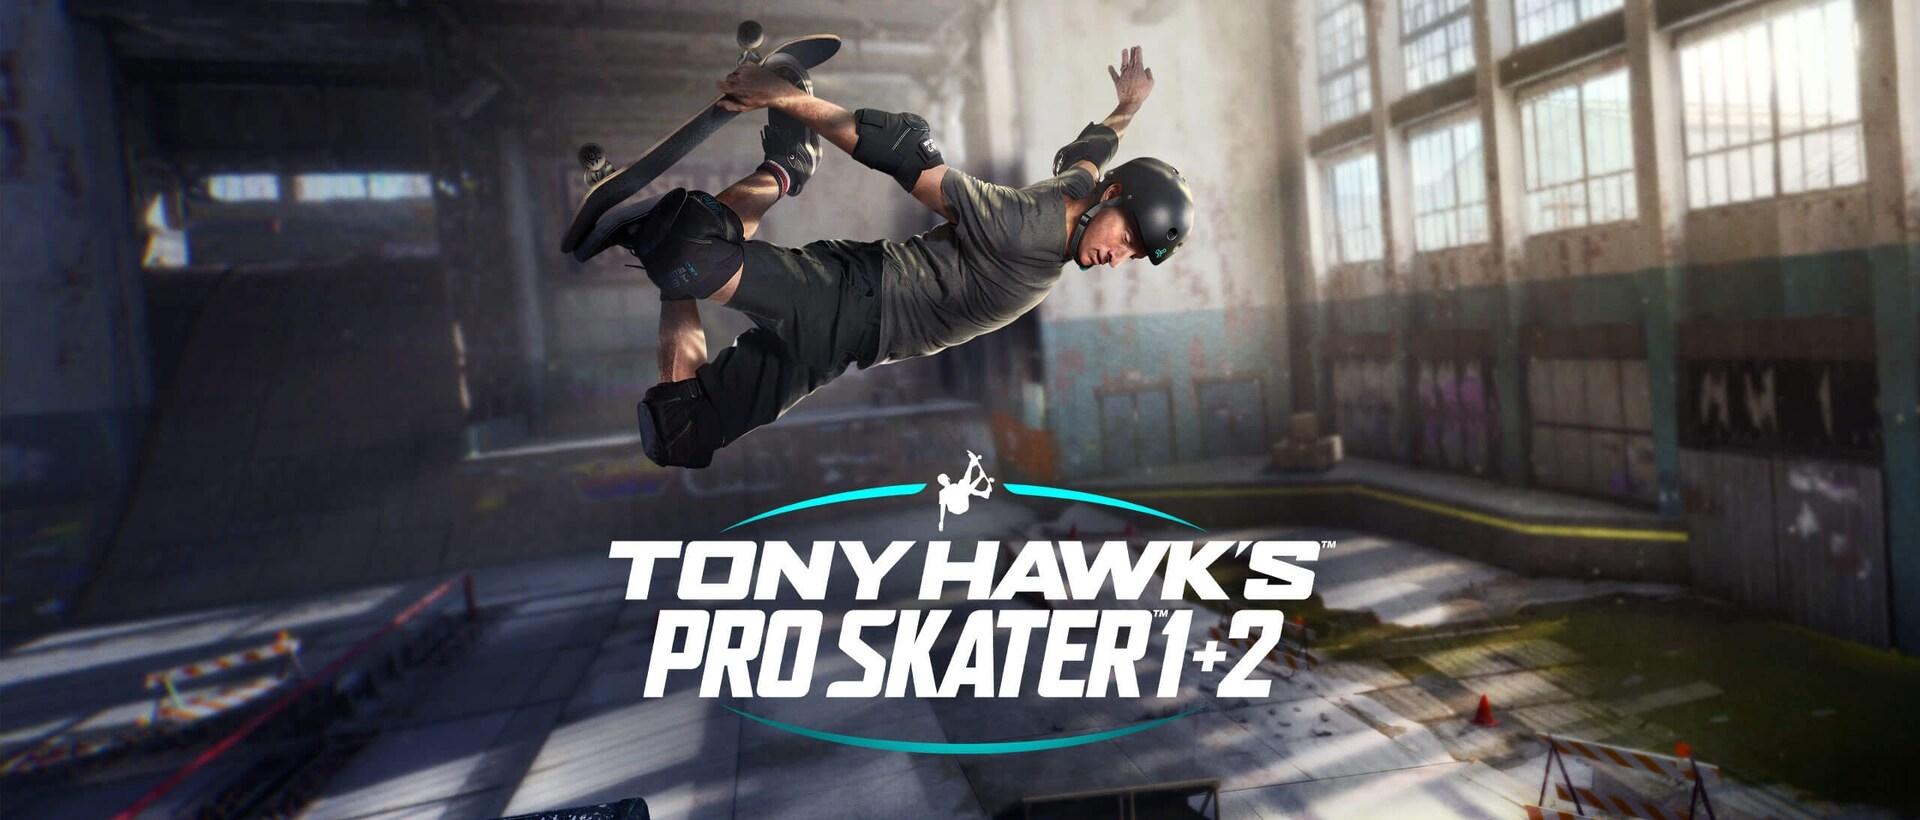 tony hawk's pro skater 1+2 remaster playstation 4 xbox one